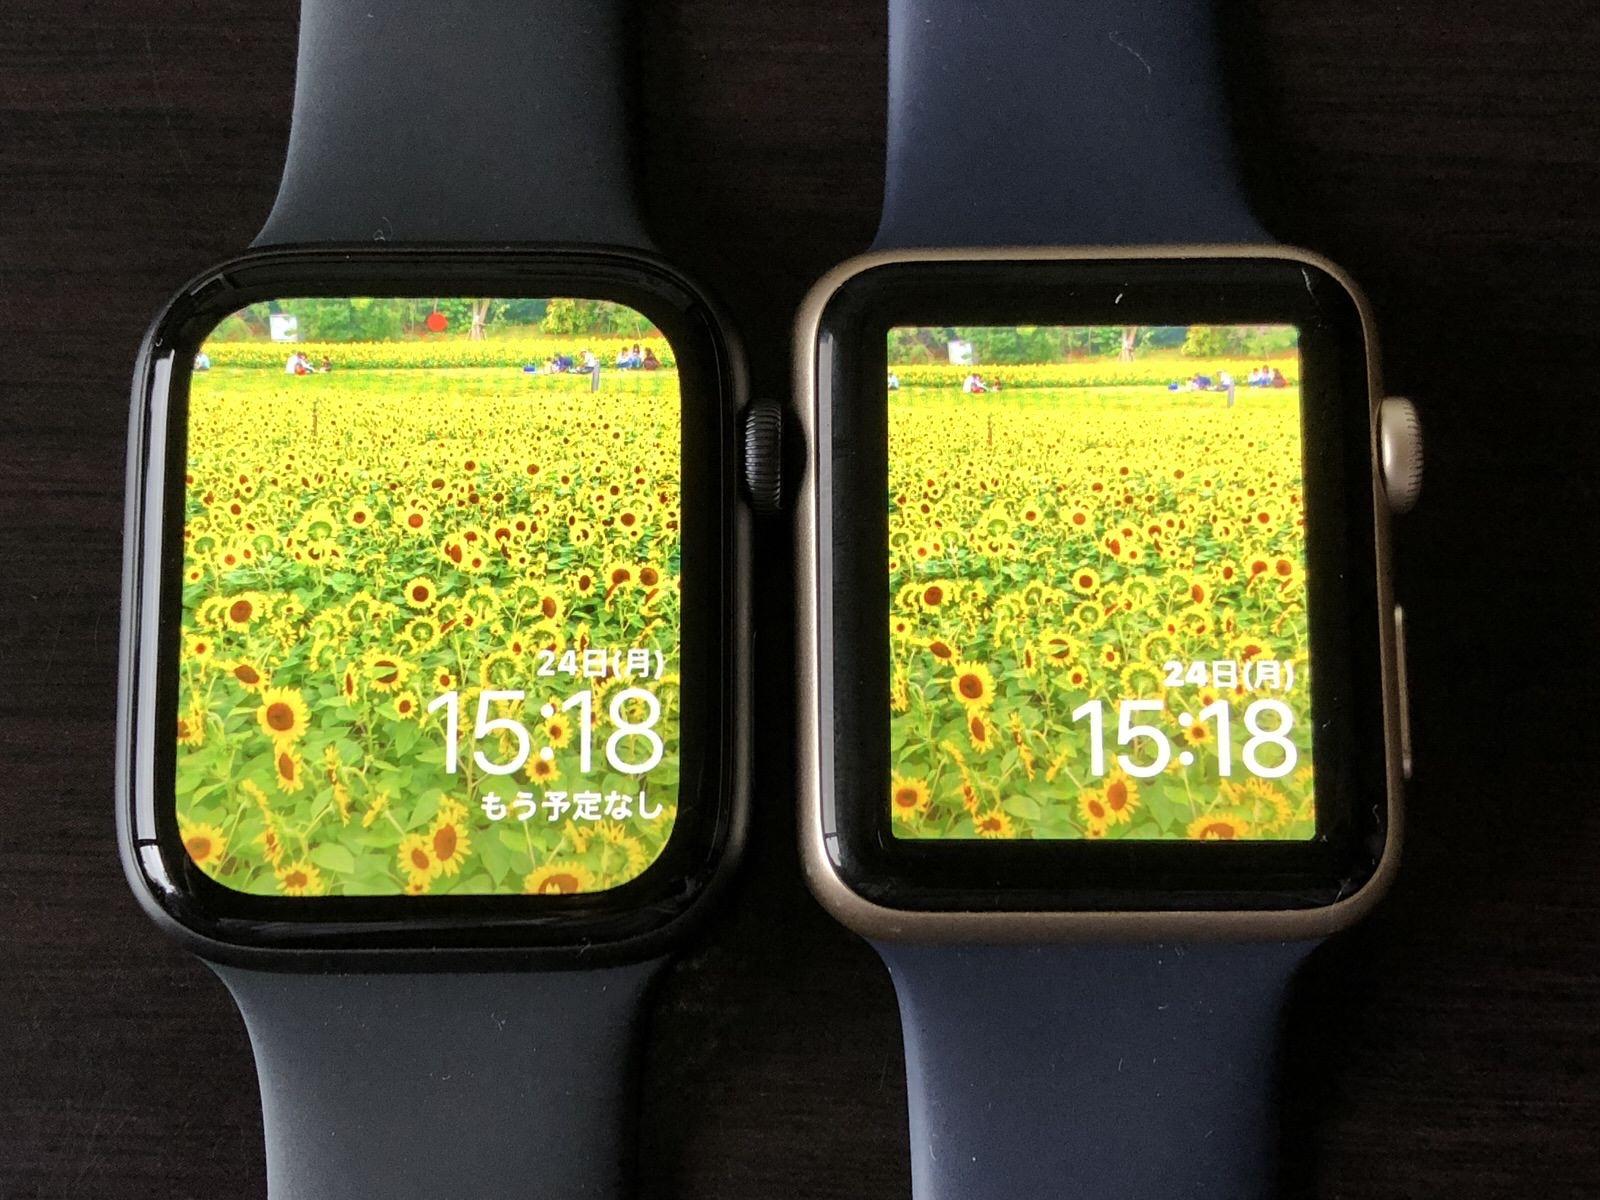 [iPhone]AR機能を付帯した先進的カメラで新型「Apple Watch Series 4」と旧型のディスプレイサイズの比を測定してみた